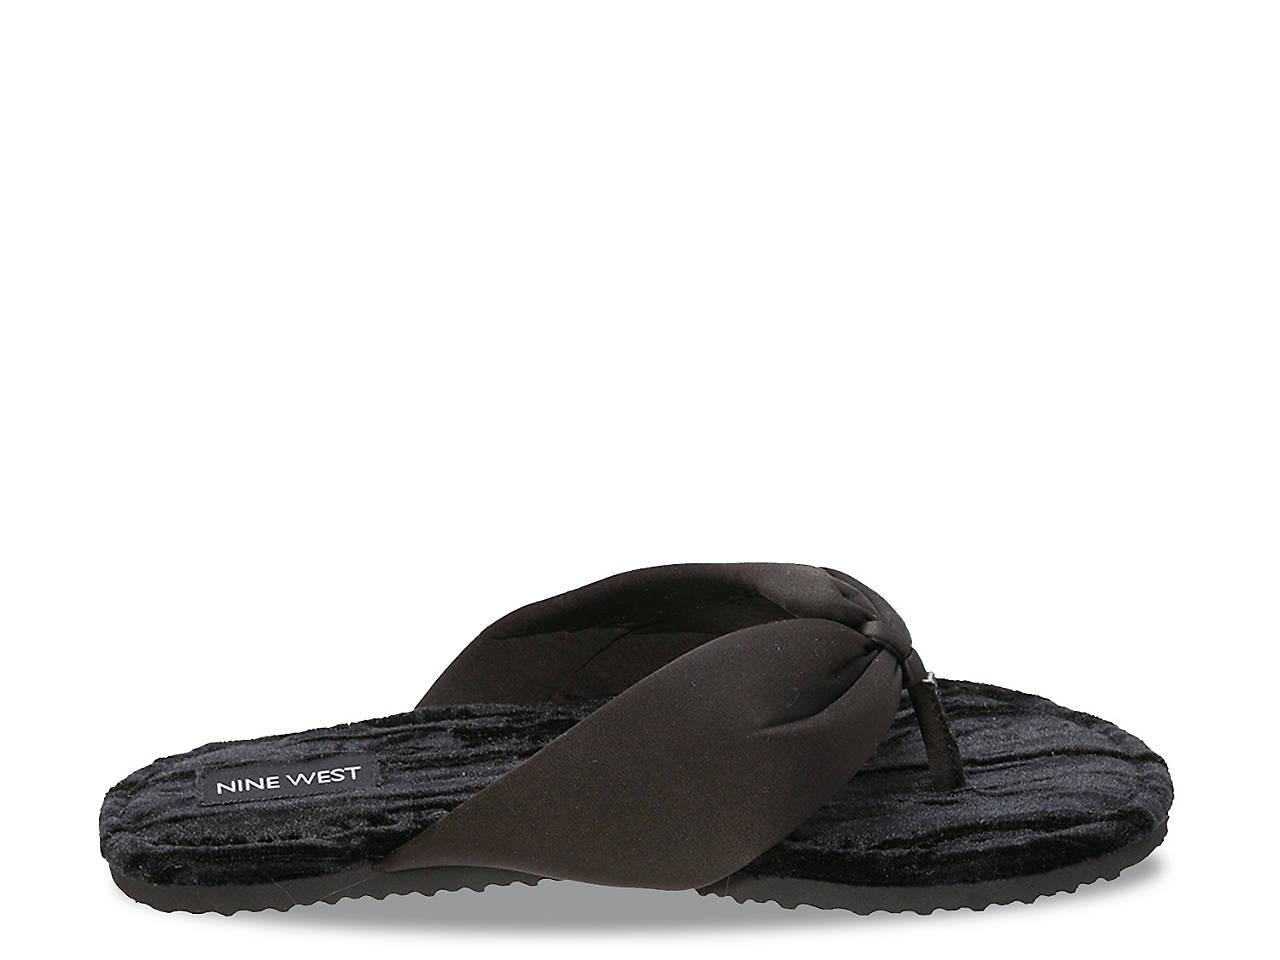 967ffa32ffd Nine West Satin   Velvet Thong Slipper Women s Shoes